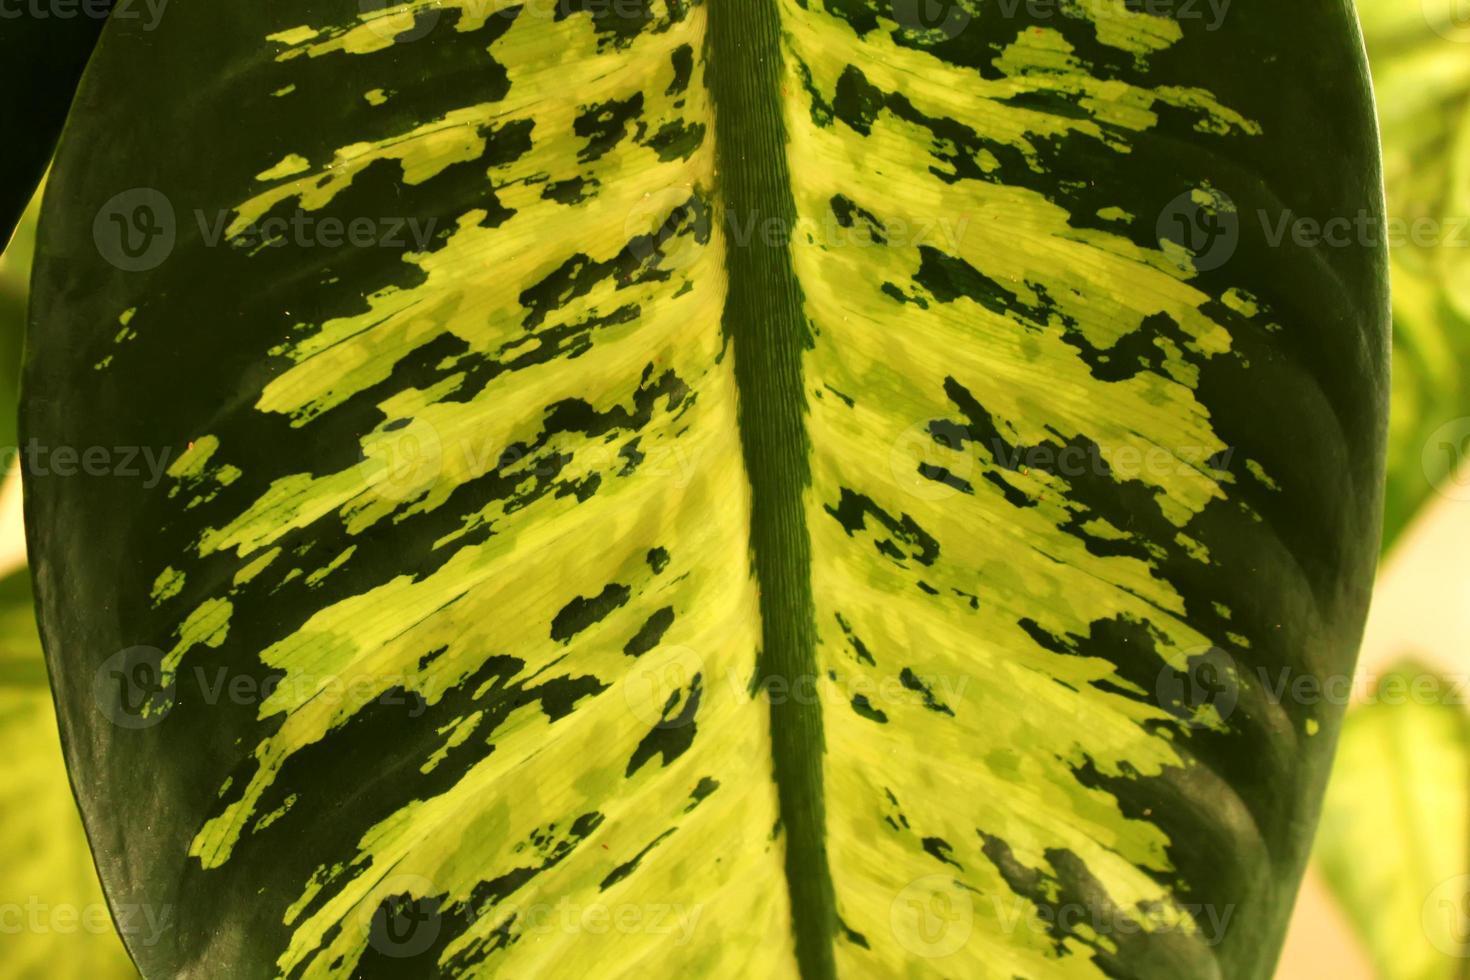 grasbewachsener natürlicher Hintergrund oder Hintergrund, der aus einer Vielzahl von Pflanzen besteht. tropische Blätter foto